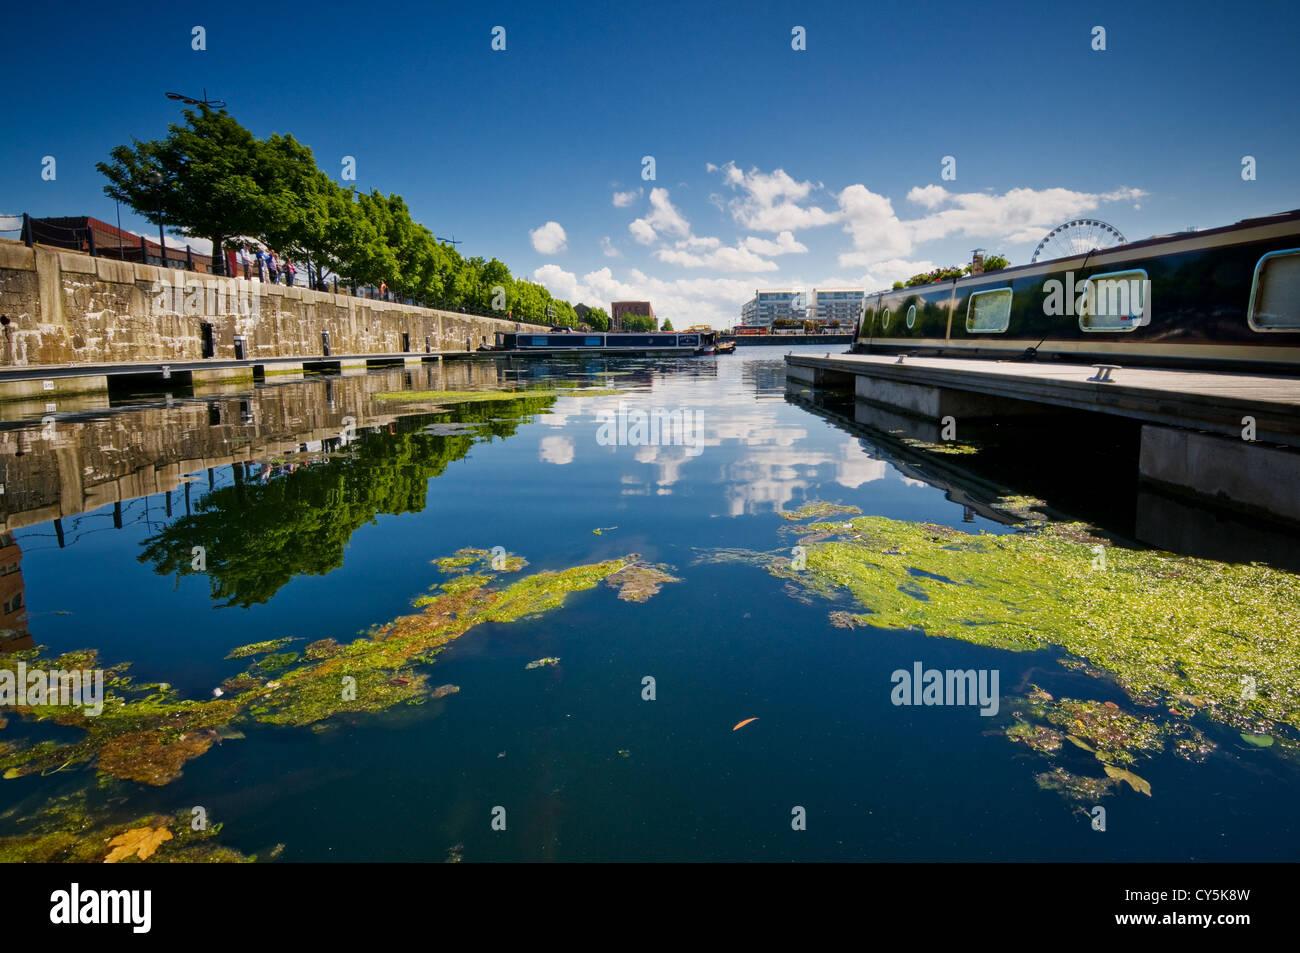 Albert Dock au centre-ville de Liverpool, l'amarrage avec ciel bleu dans l'eau bleue Photo Stock